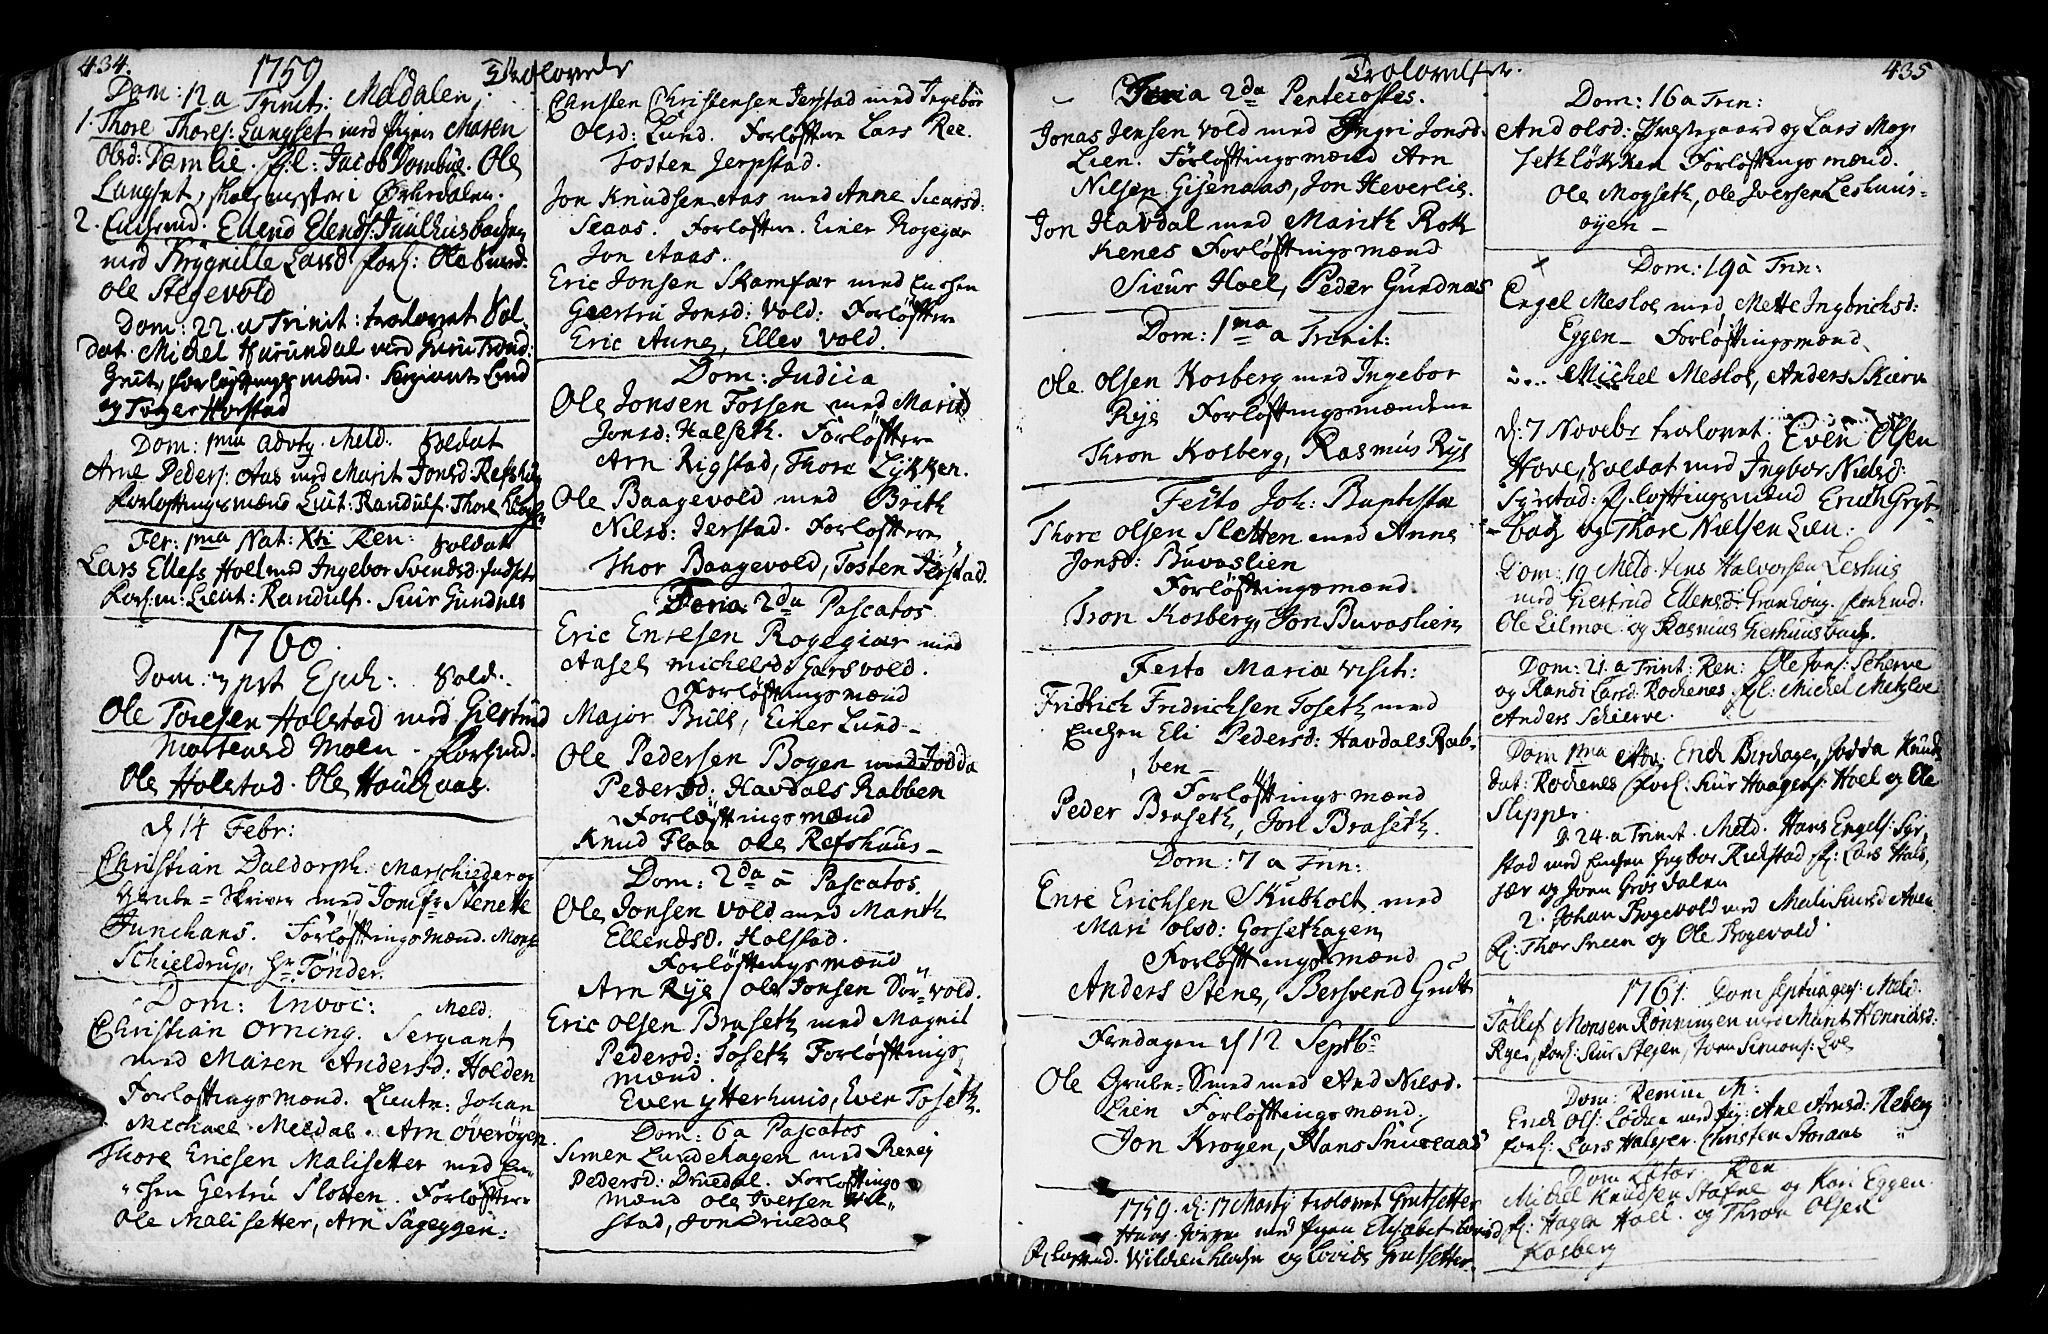 SAT, Ministerialprotokoller, klokkerbøker og fødselsregistre - Sør-Trøndelag, 672/L0851: Ministerialbok nr. 672A04, 1751-1775, s. 434-435